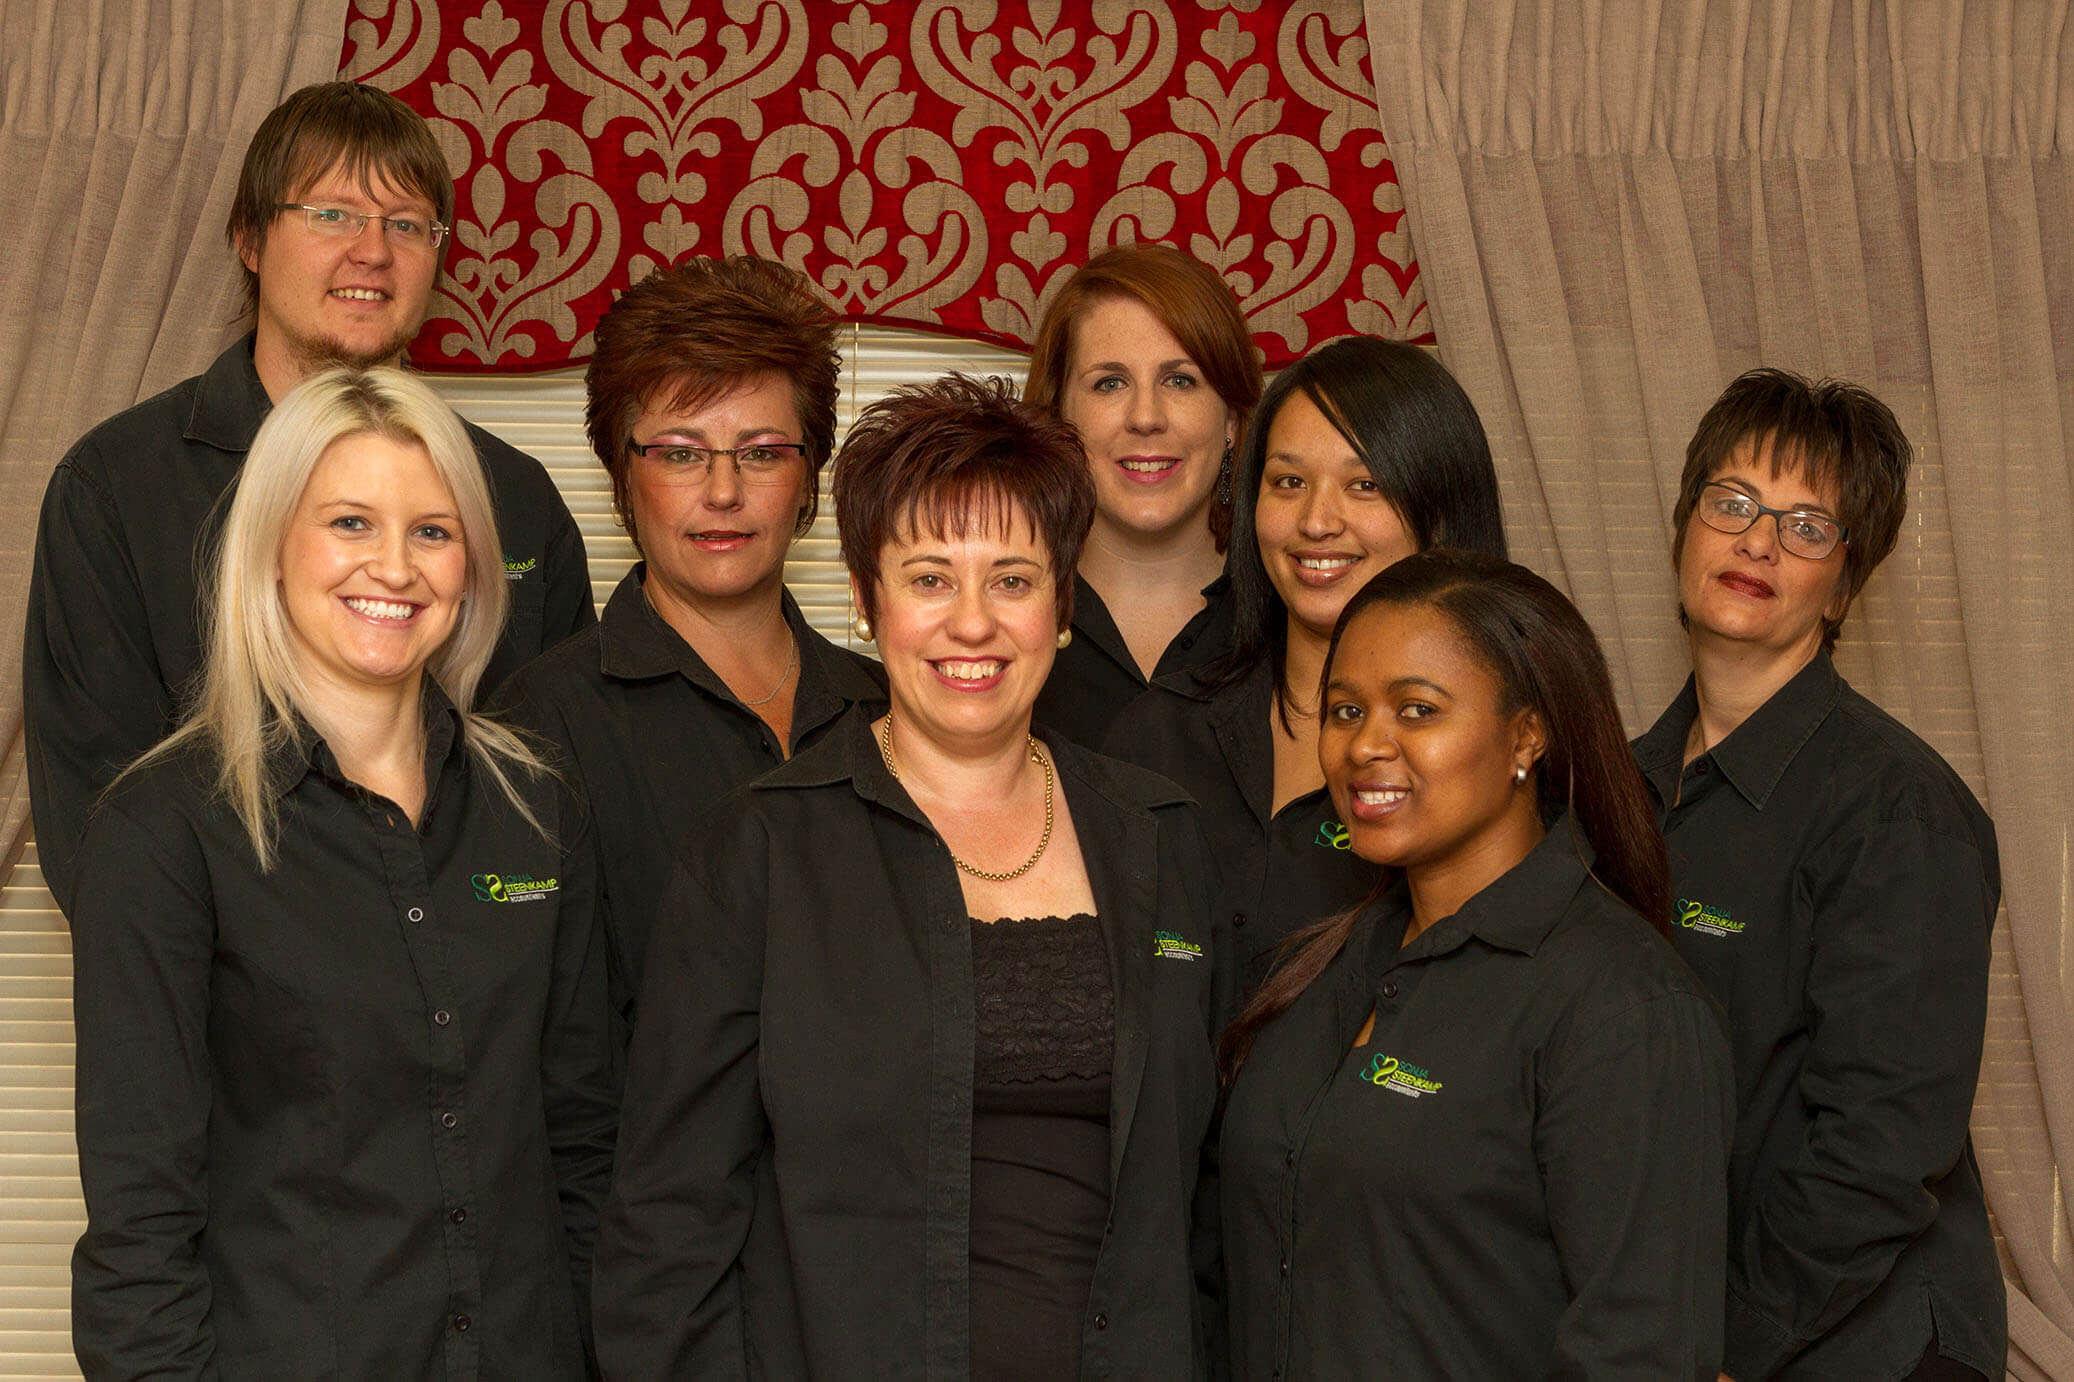 corporate headshots - Corporate Headshots Sonja Steenkamp 18 - Corporate Headshots – Sonja Steenkamp